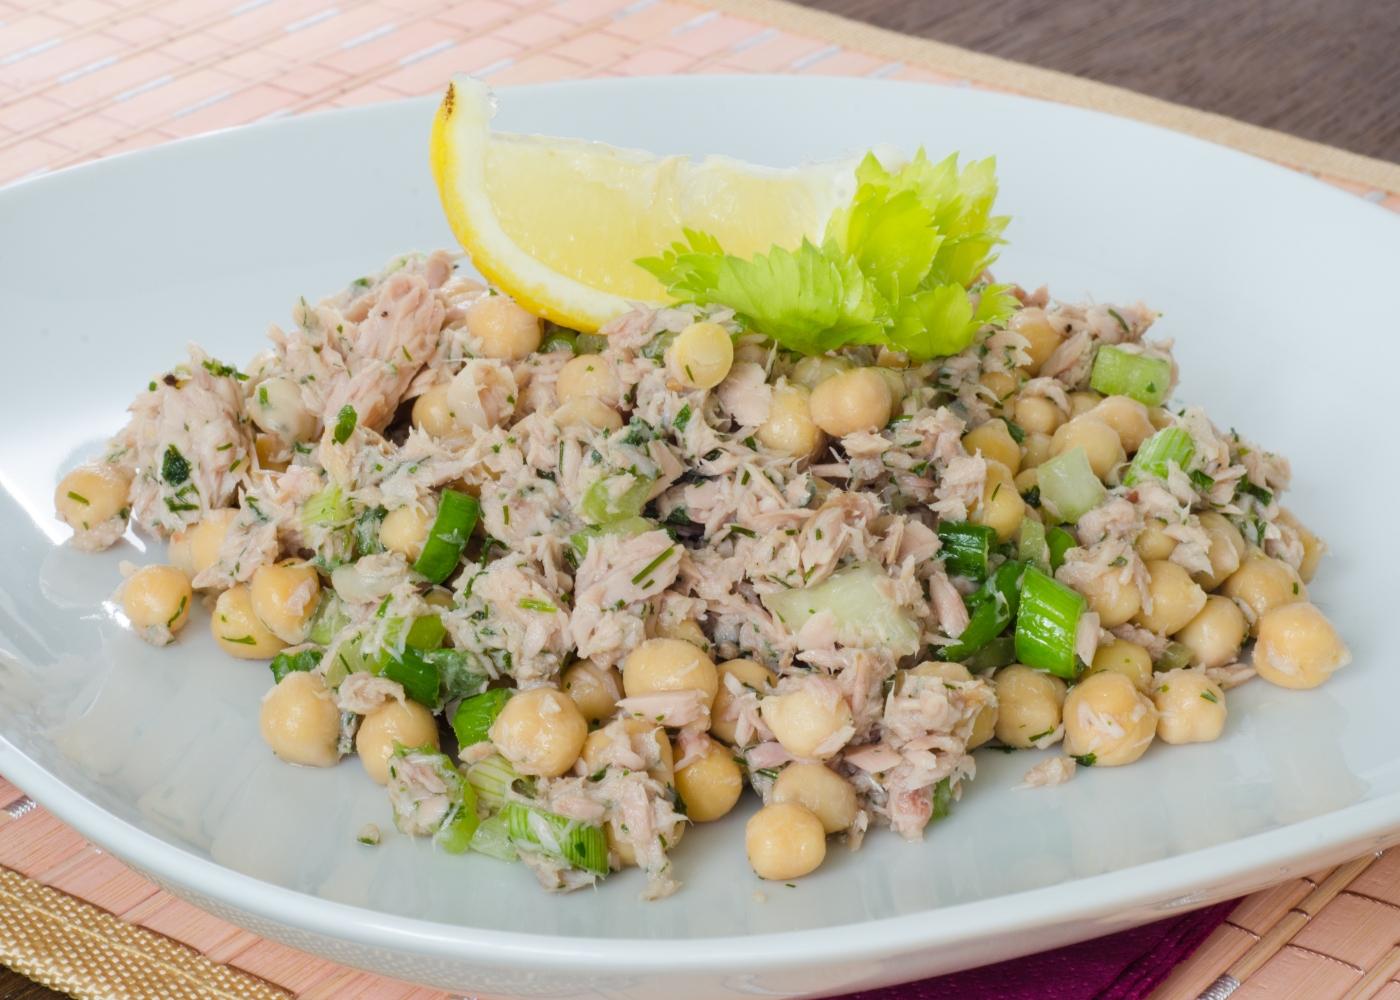 prato com salada de grão e atum